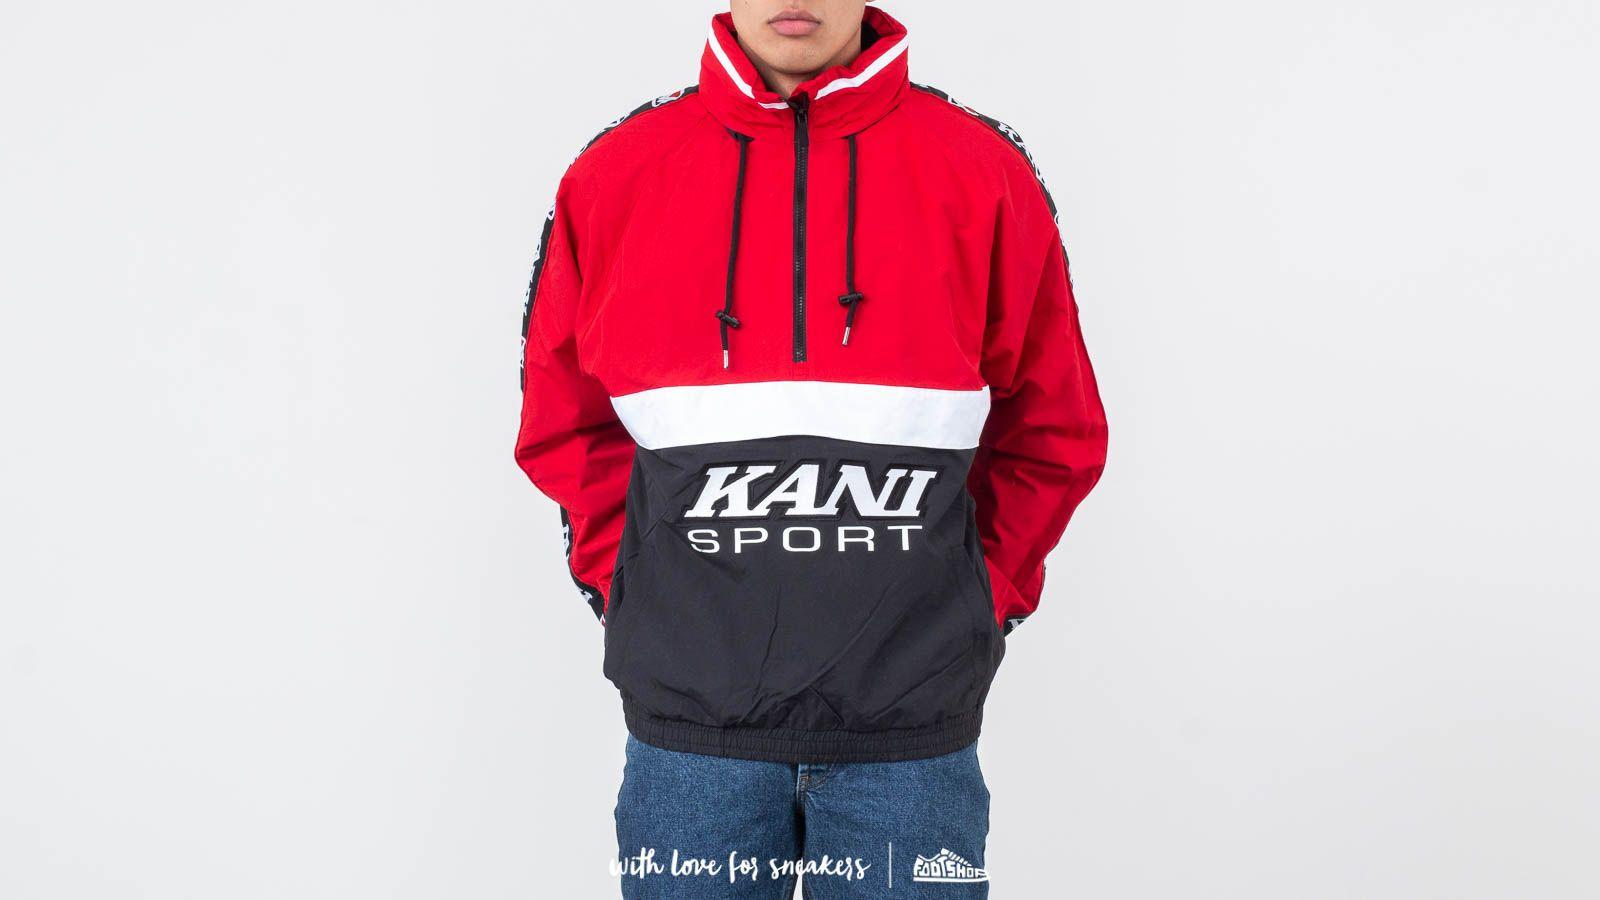 Karl Kani Sport Block Windbreaker Red/ Black za skvelú cenu 77 € kúpite na Footshop.sk